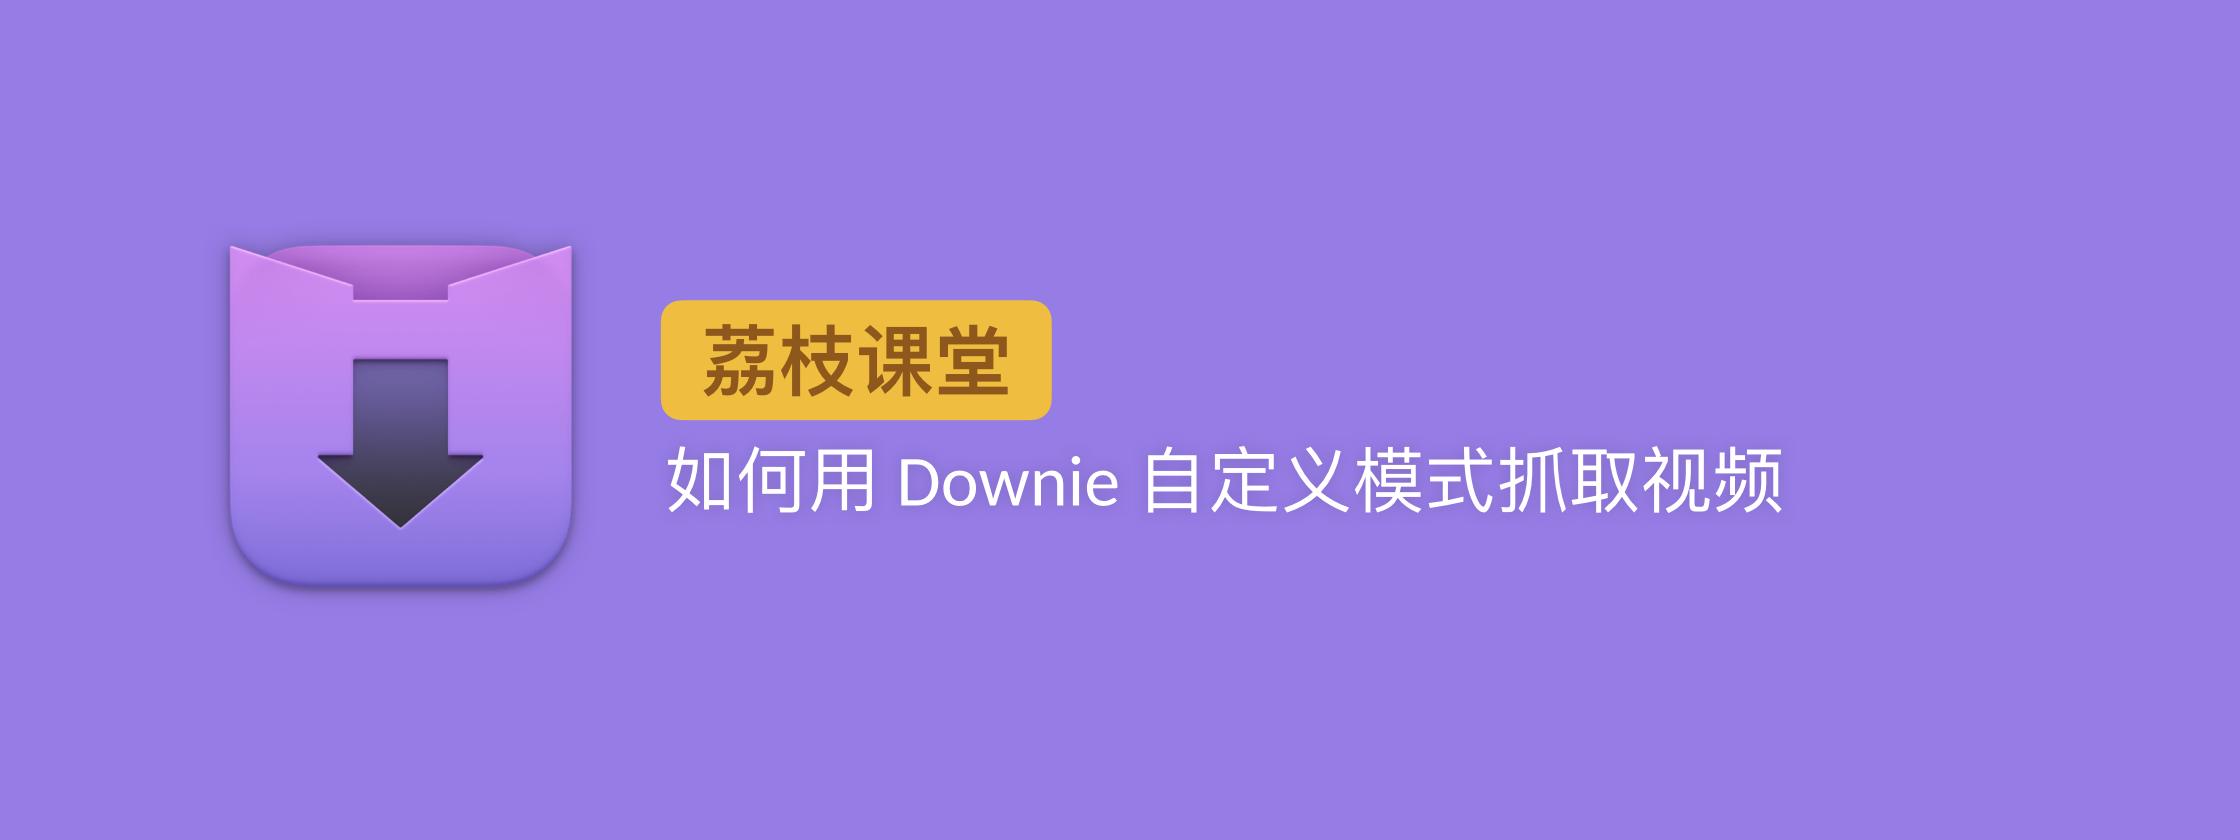 荔枝课堂 | 如何用 Downie 自定义模式抓取视频